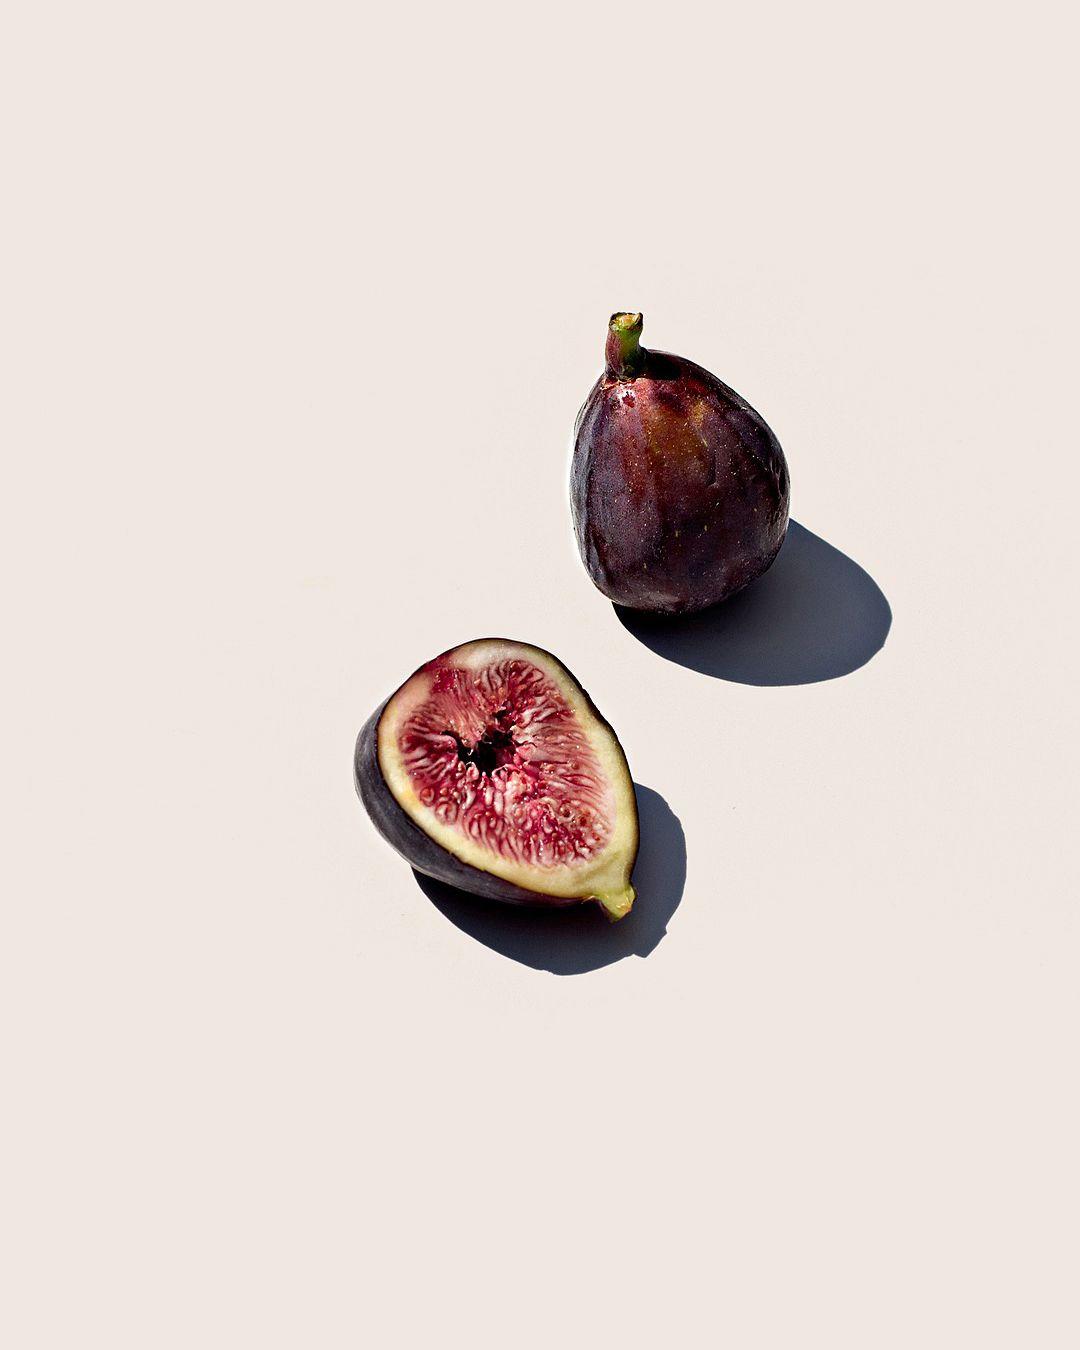 Kết quả hình ảnh cho fig aesthetic